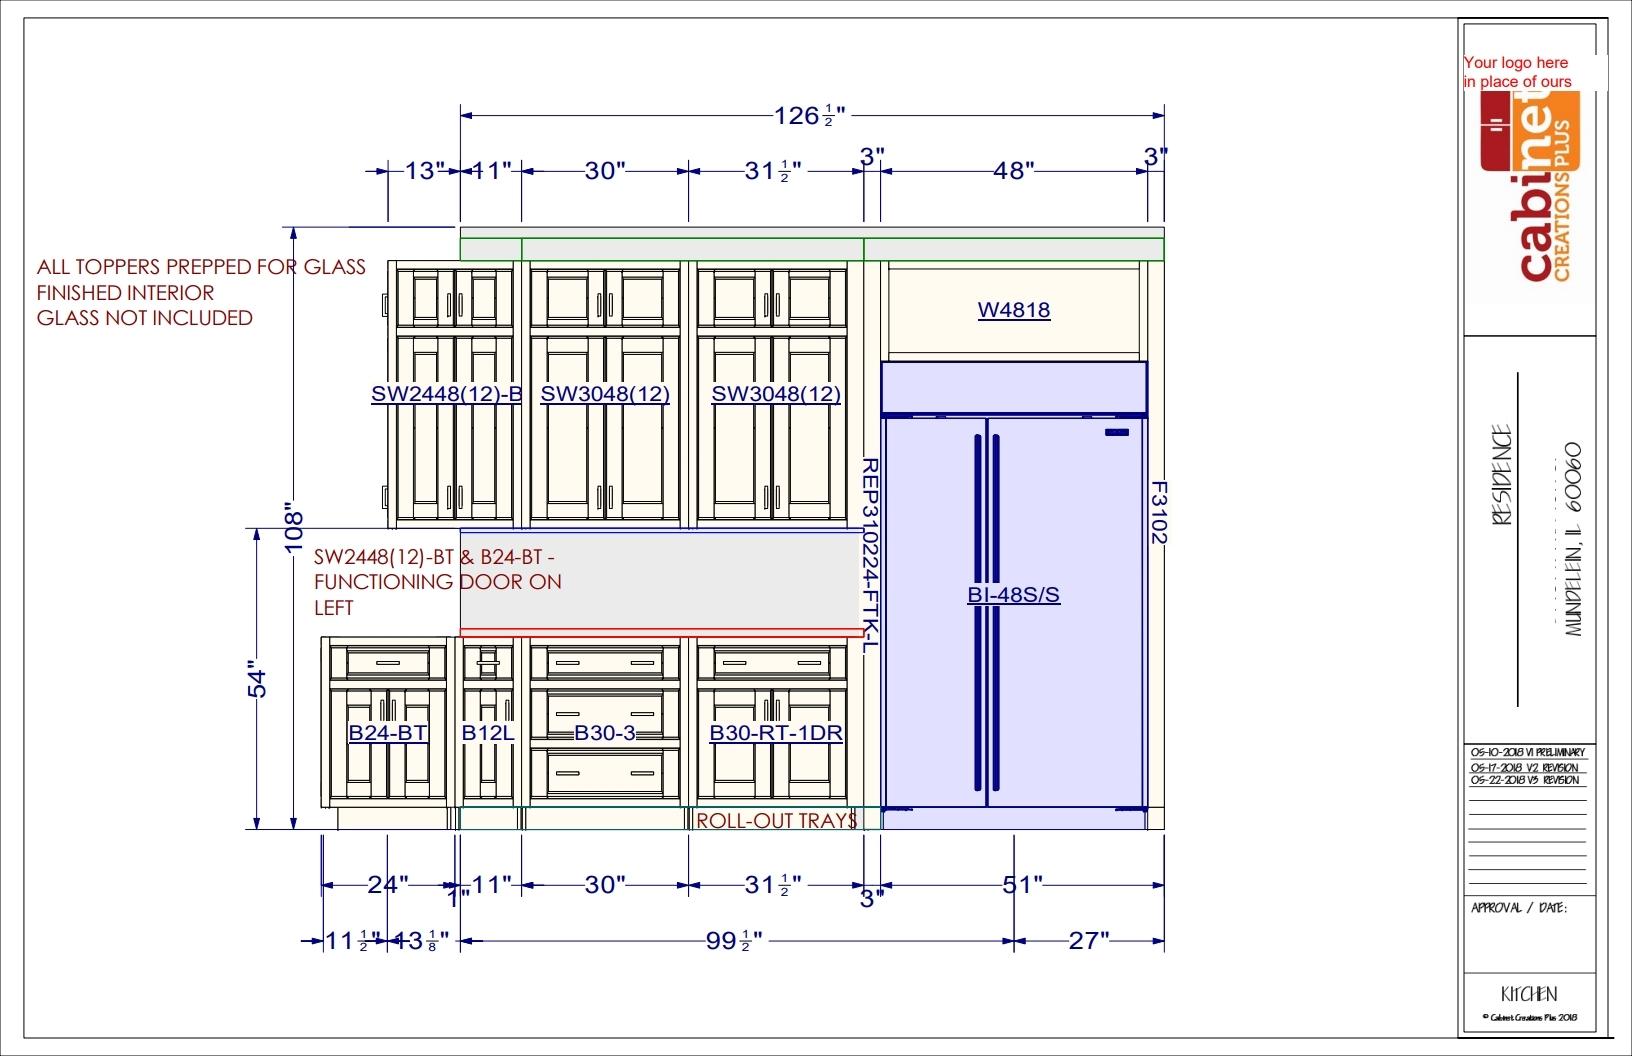 CABINET-CREATIONS-PLUS-SAMPLE-PLANS-Copy.pdf_page_10